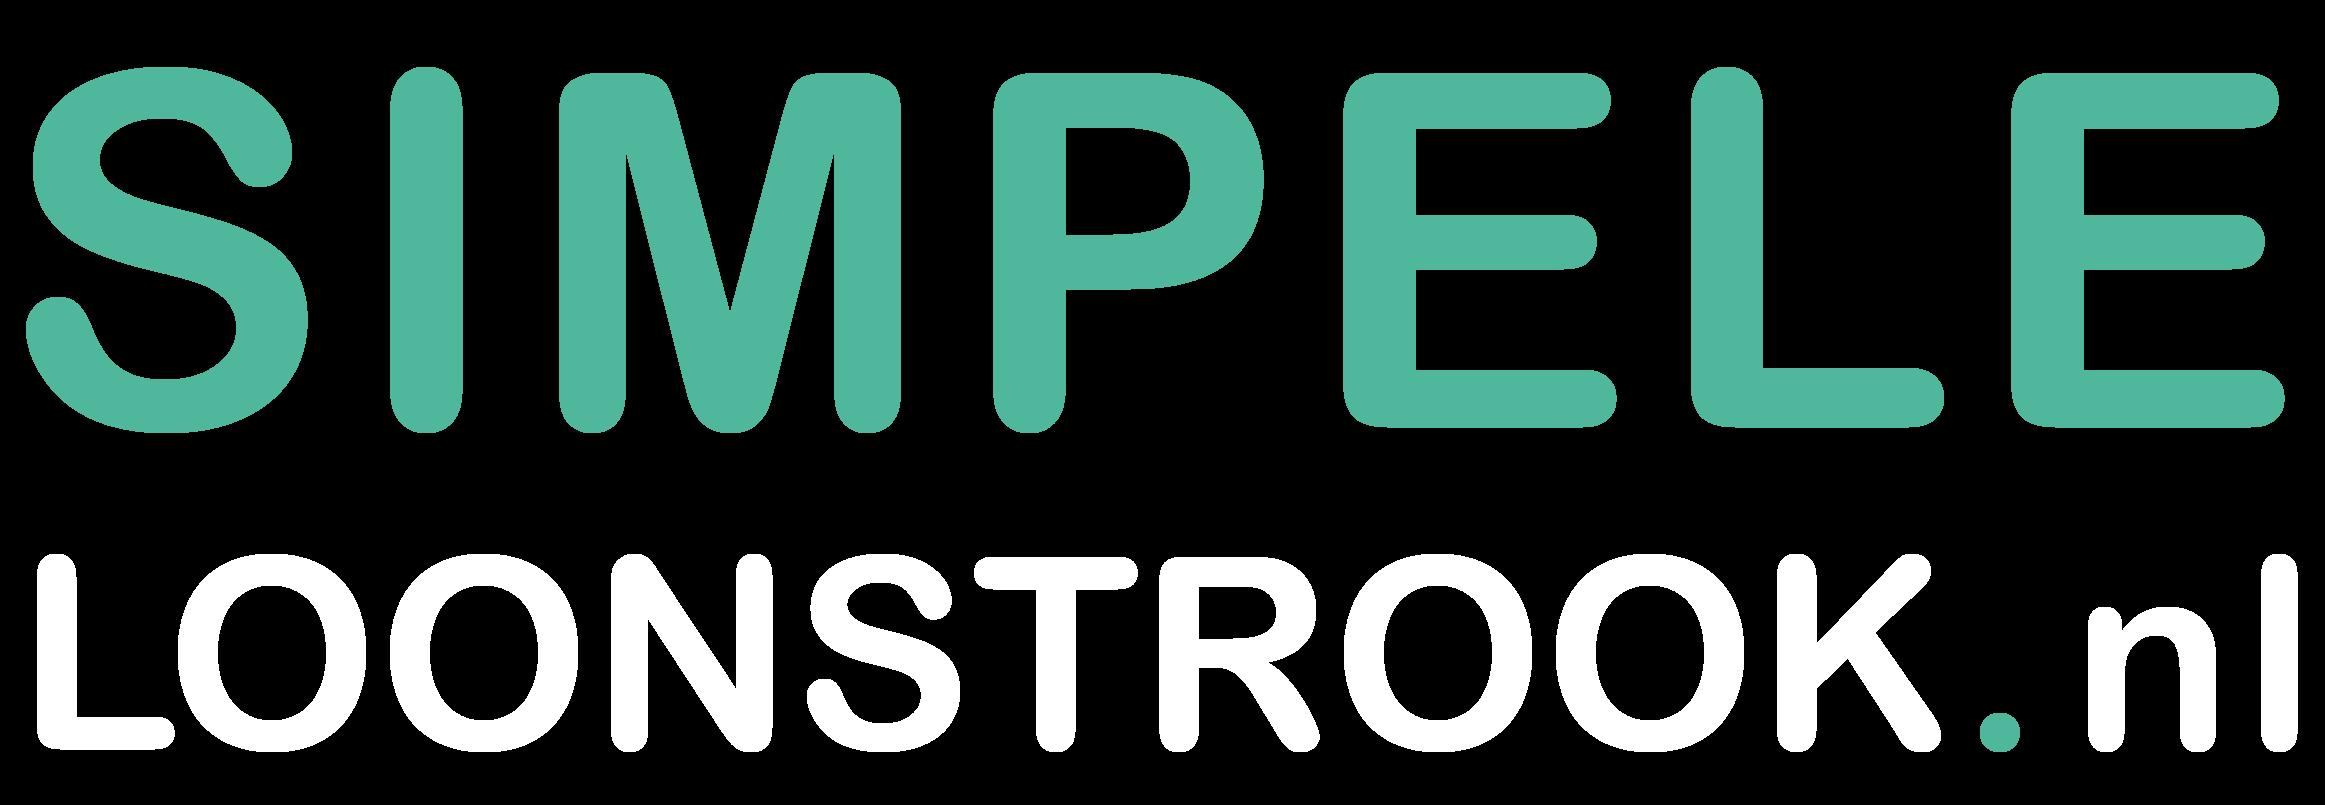 SimpeleLoonstrook.nl